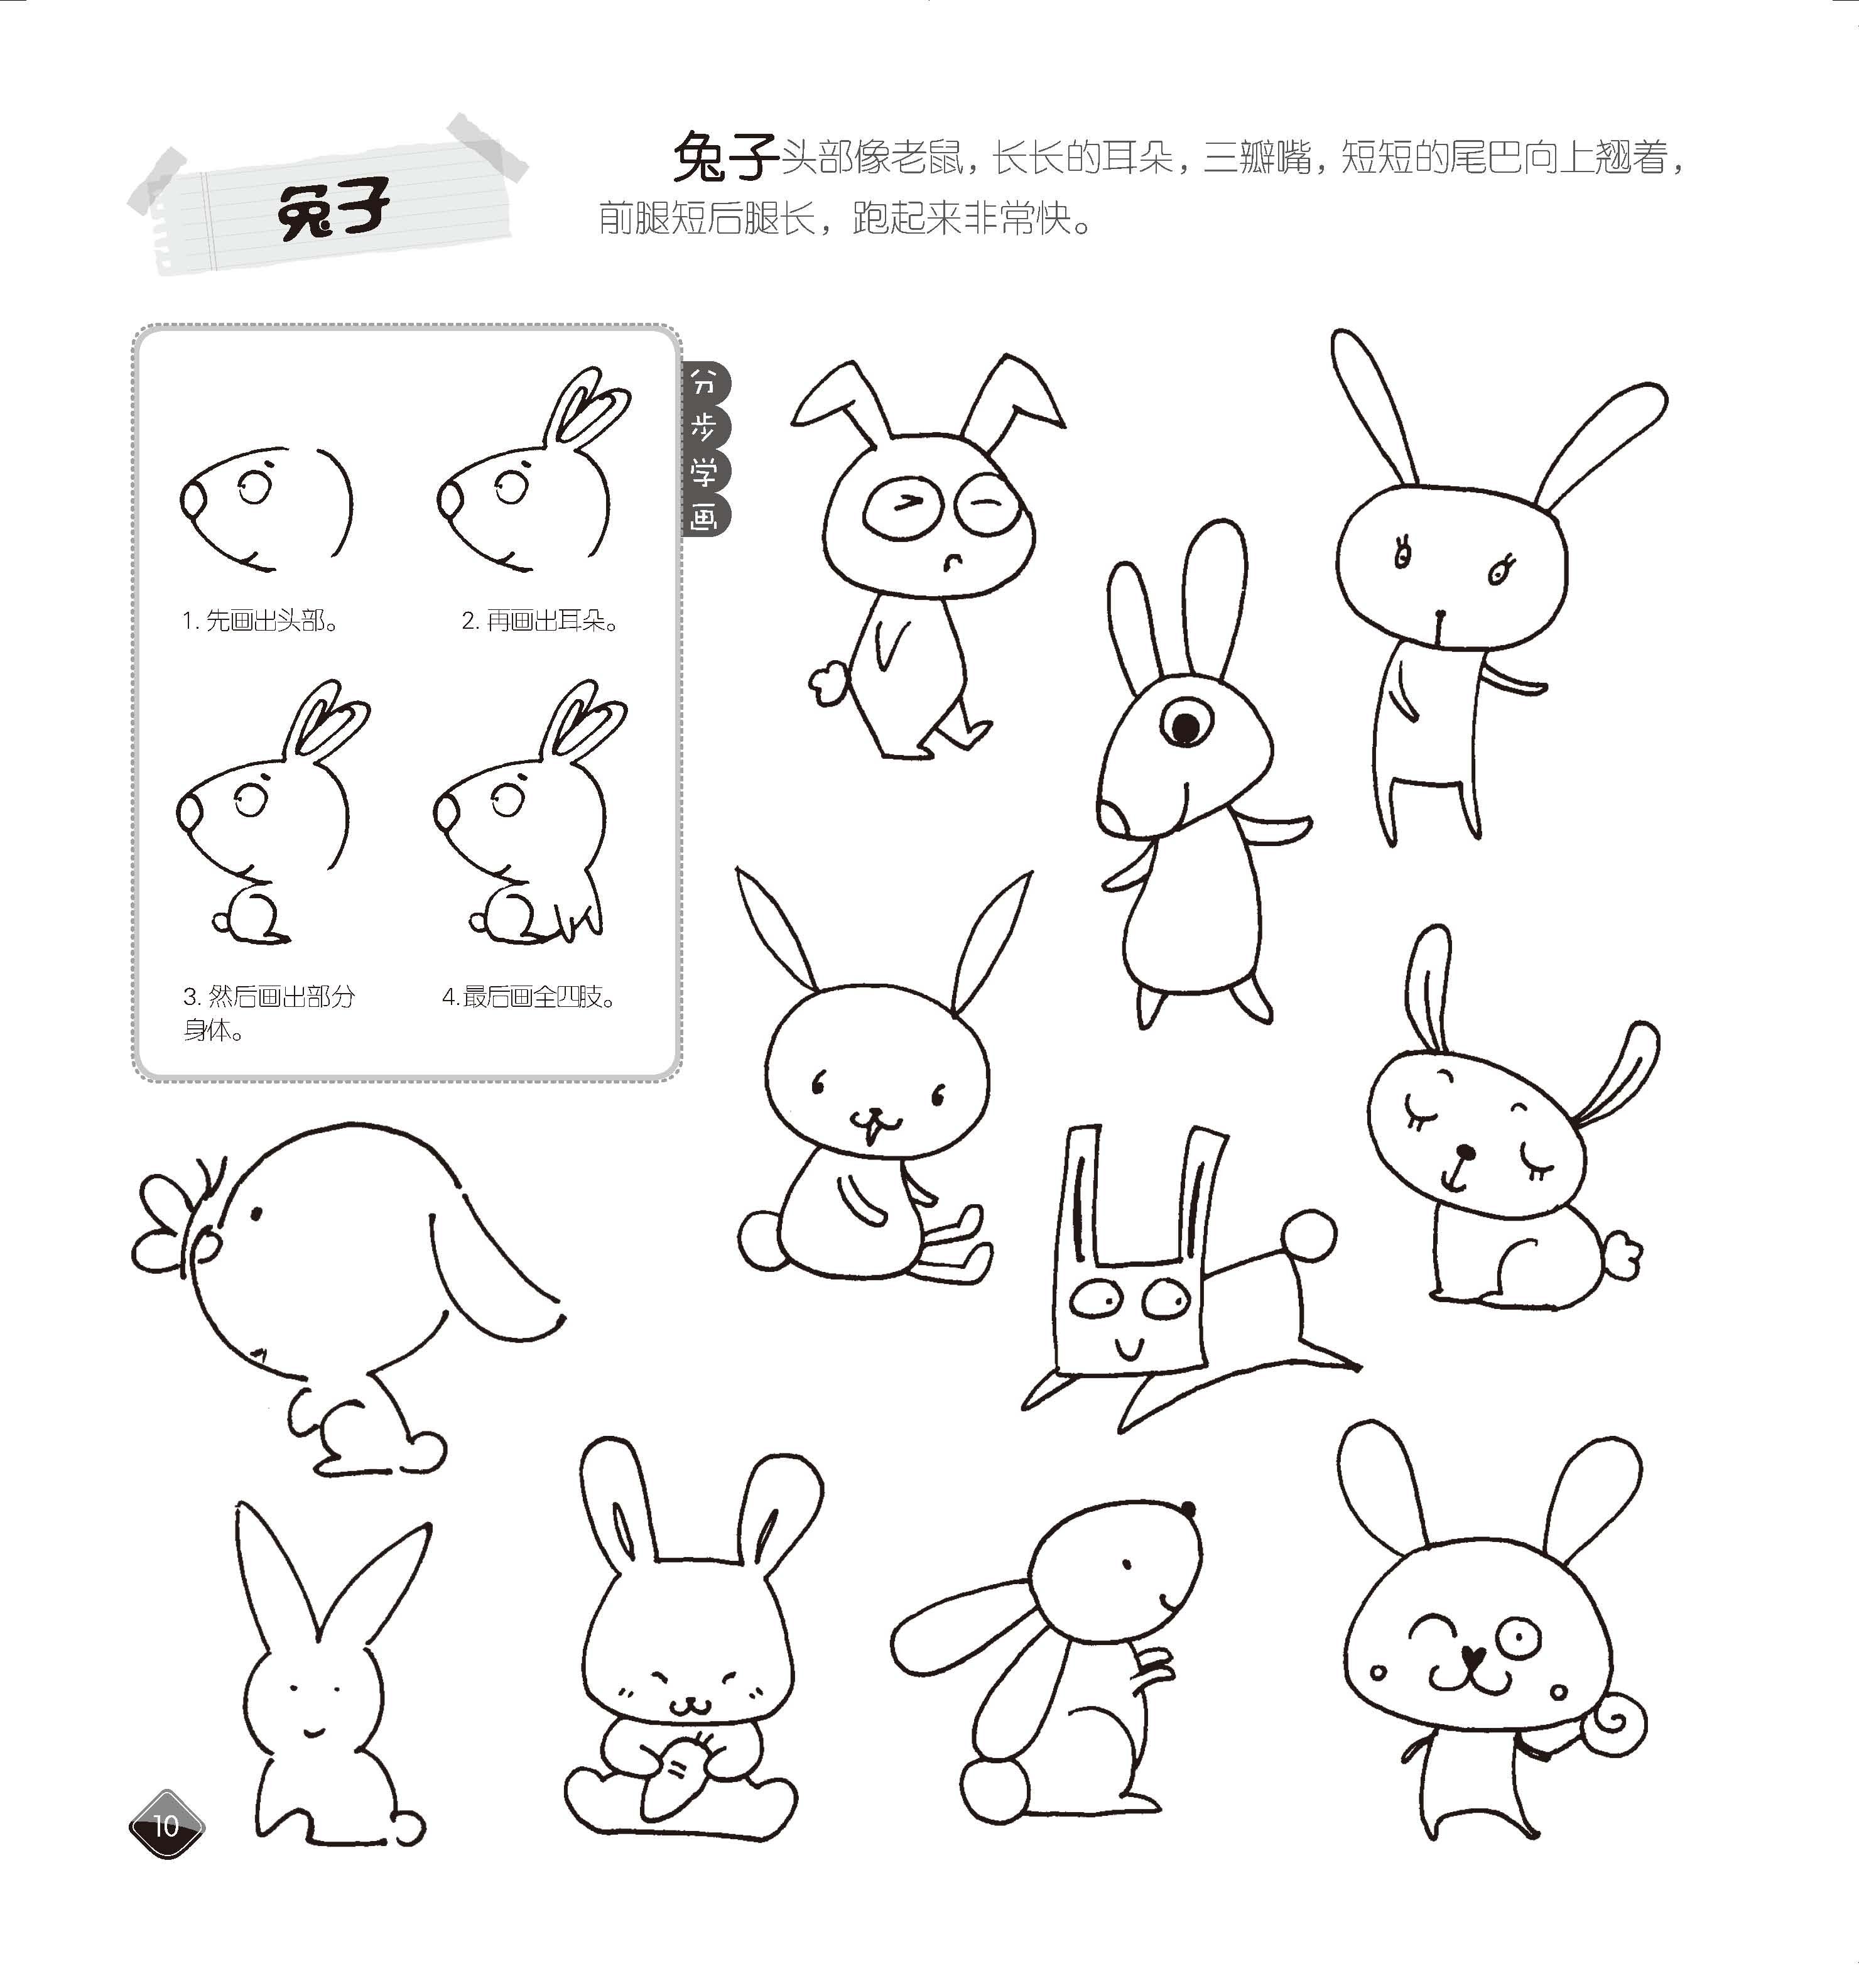 包邮 超可爱简笔画5000例 宝宝幼儿童书籍 教师用书教材人物素材技法